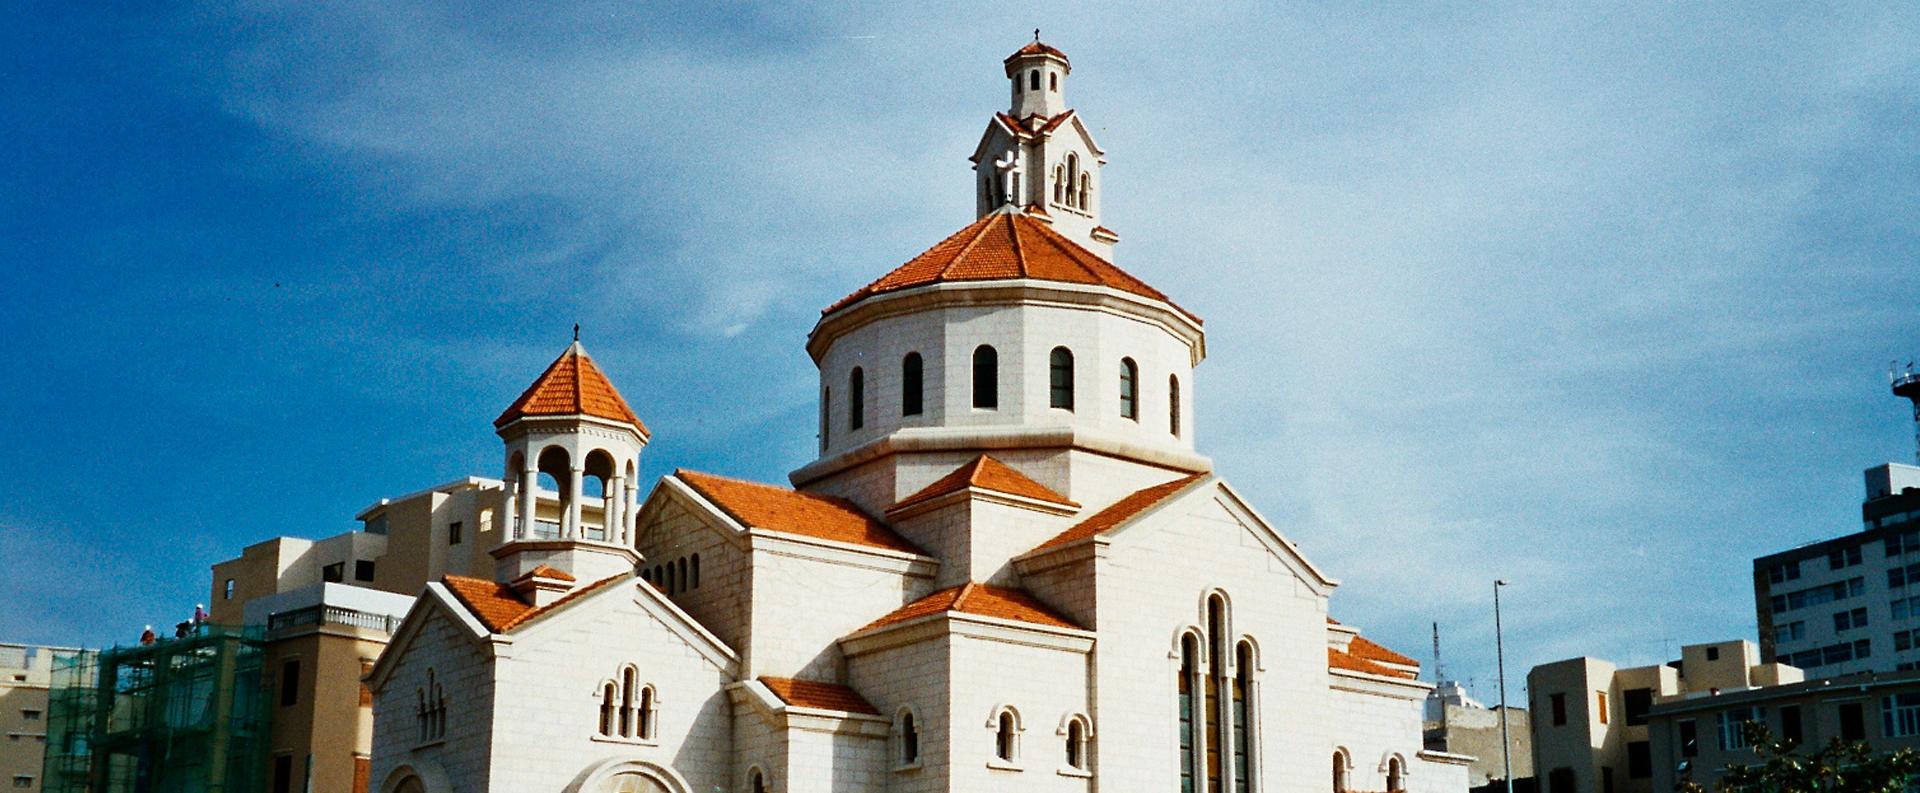 Собор Святого Николая в Бейруте-1